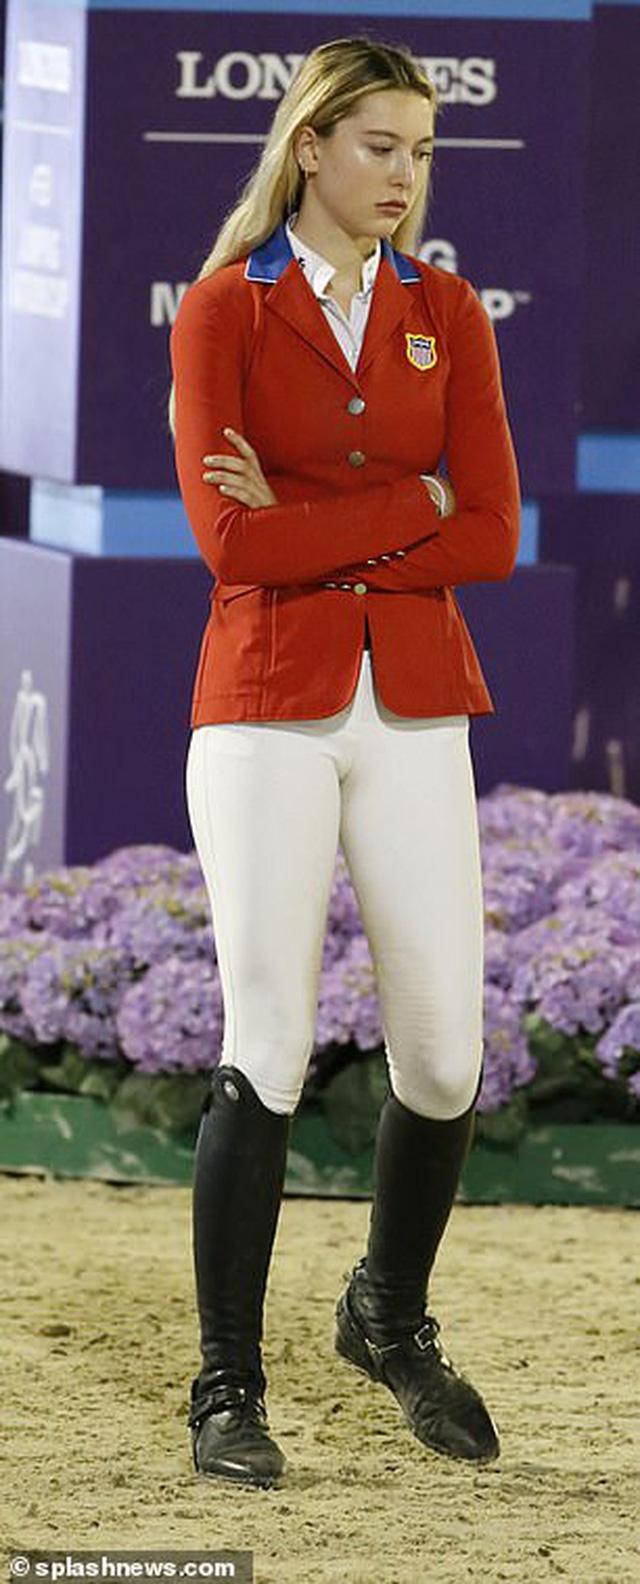 Ái nữ xinh đẹp nhất nhà tỷ phú Steve Jobs: Nhan sắc hoàn hảo tựa nữ thần, học cực giỏi và niềm đam mê lớn với môn thể thao của hội rich kid - Ảnh 16.